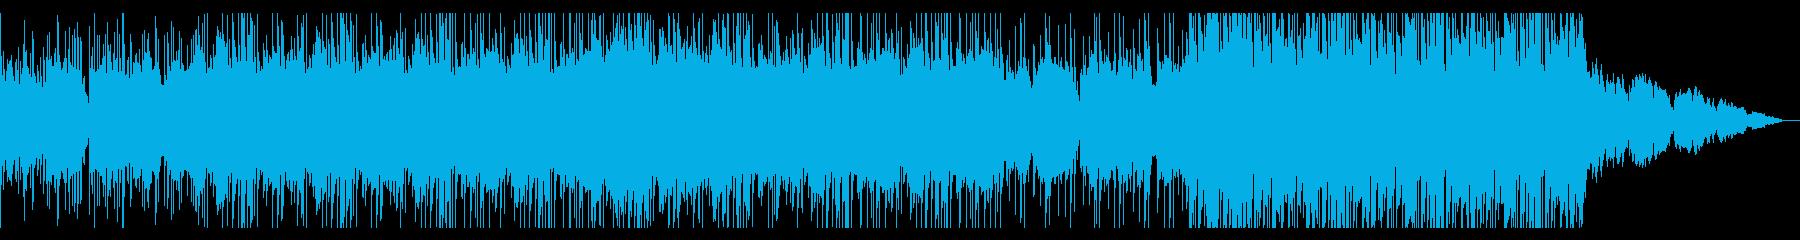 陰鬱でグリッジなロックの再生済みの波形